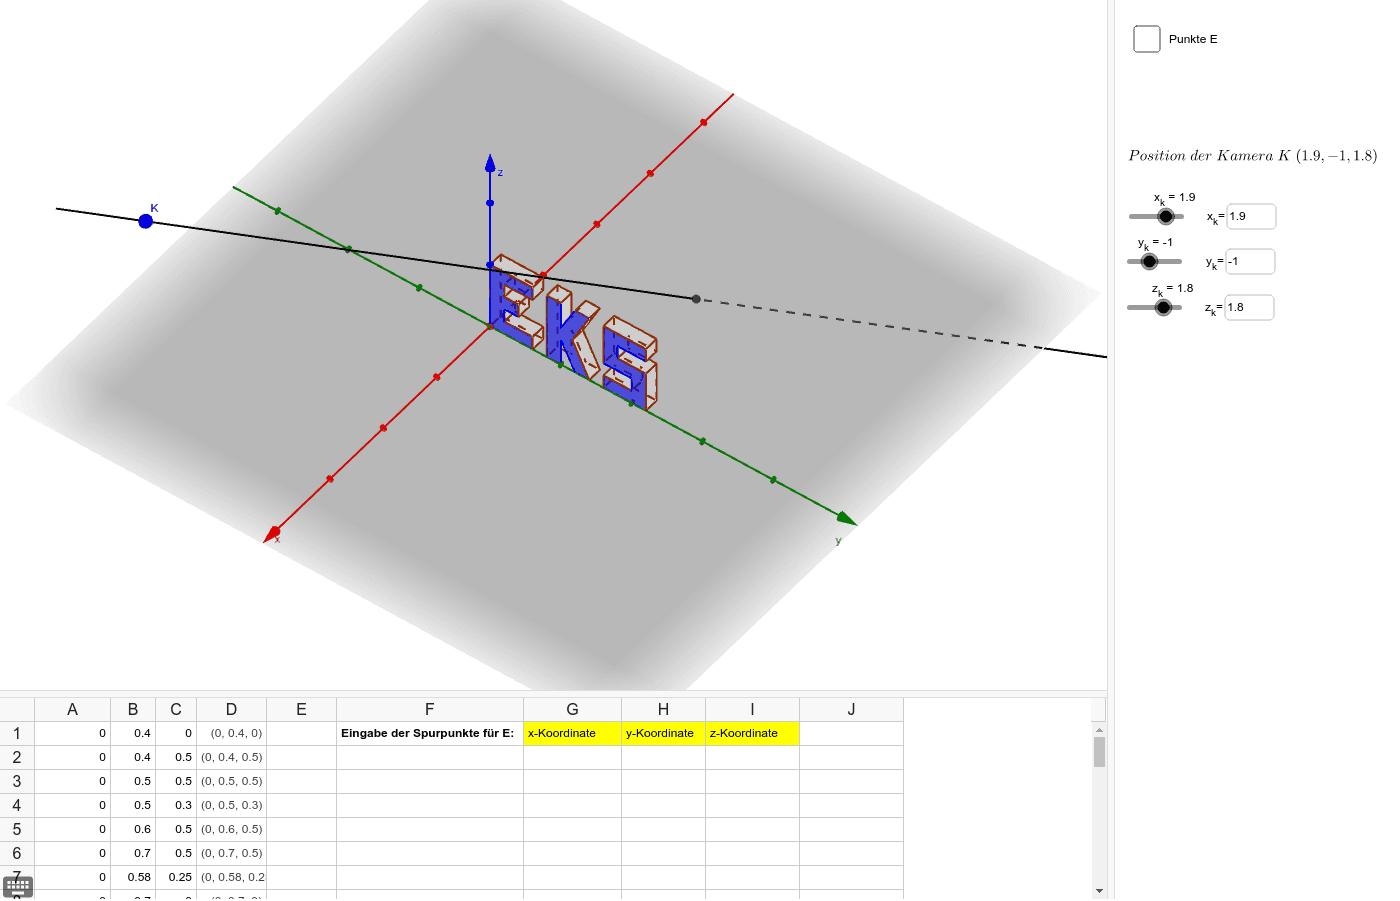 Eingabe der berechneten Spurpunkte über Tabelle Drücke die Eingabetaste um die Aktivität zu starten